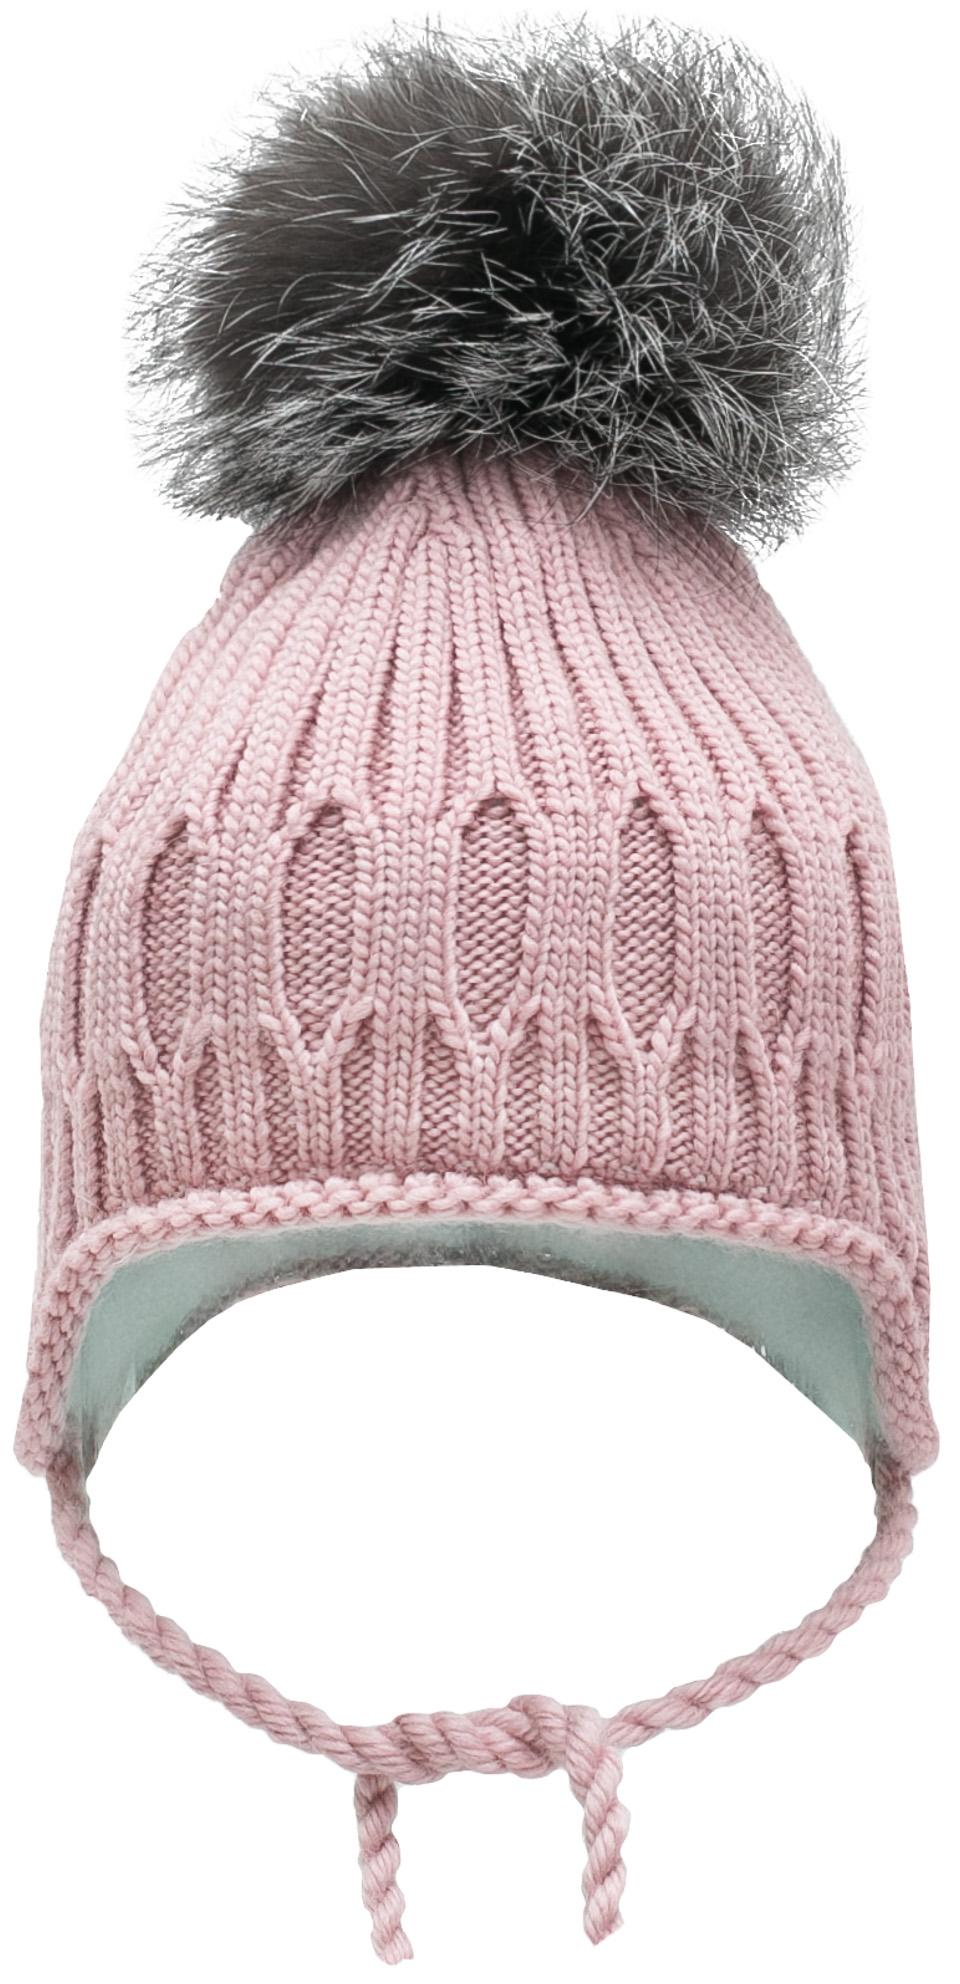 Купить Головные уборы, Шапка детская для девочки Barkito, светло - розовый, Россия, светло-розовый, Женский